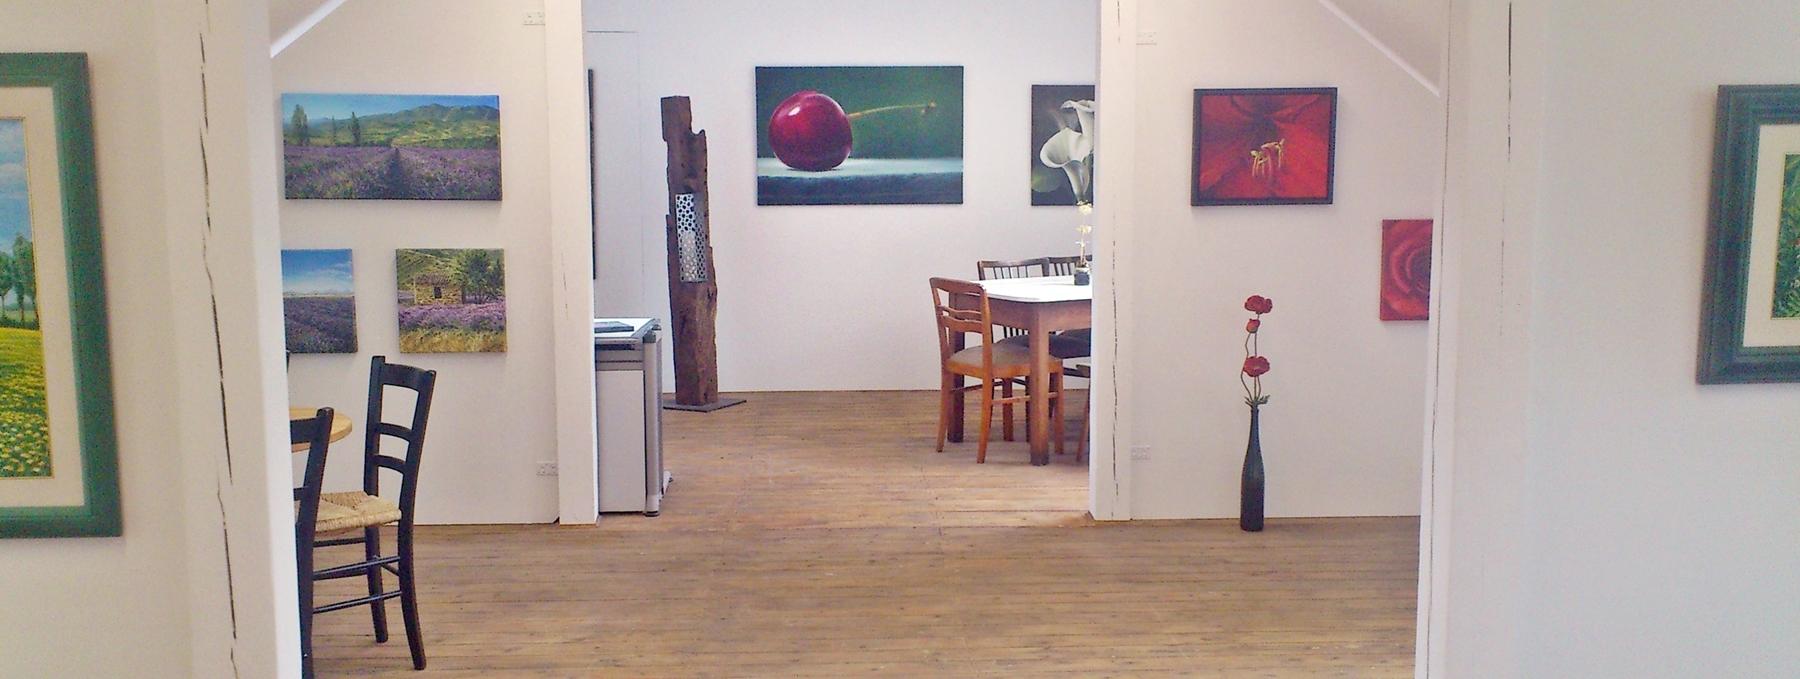 ausstellung-im-atelier_1